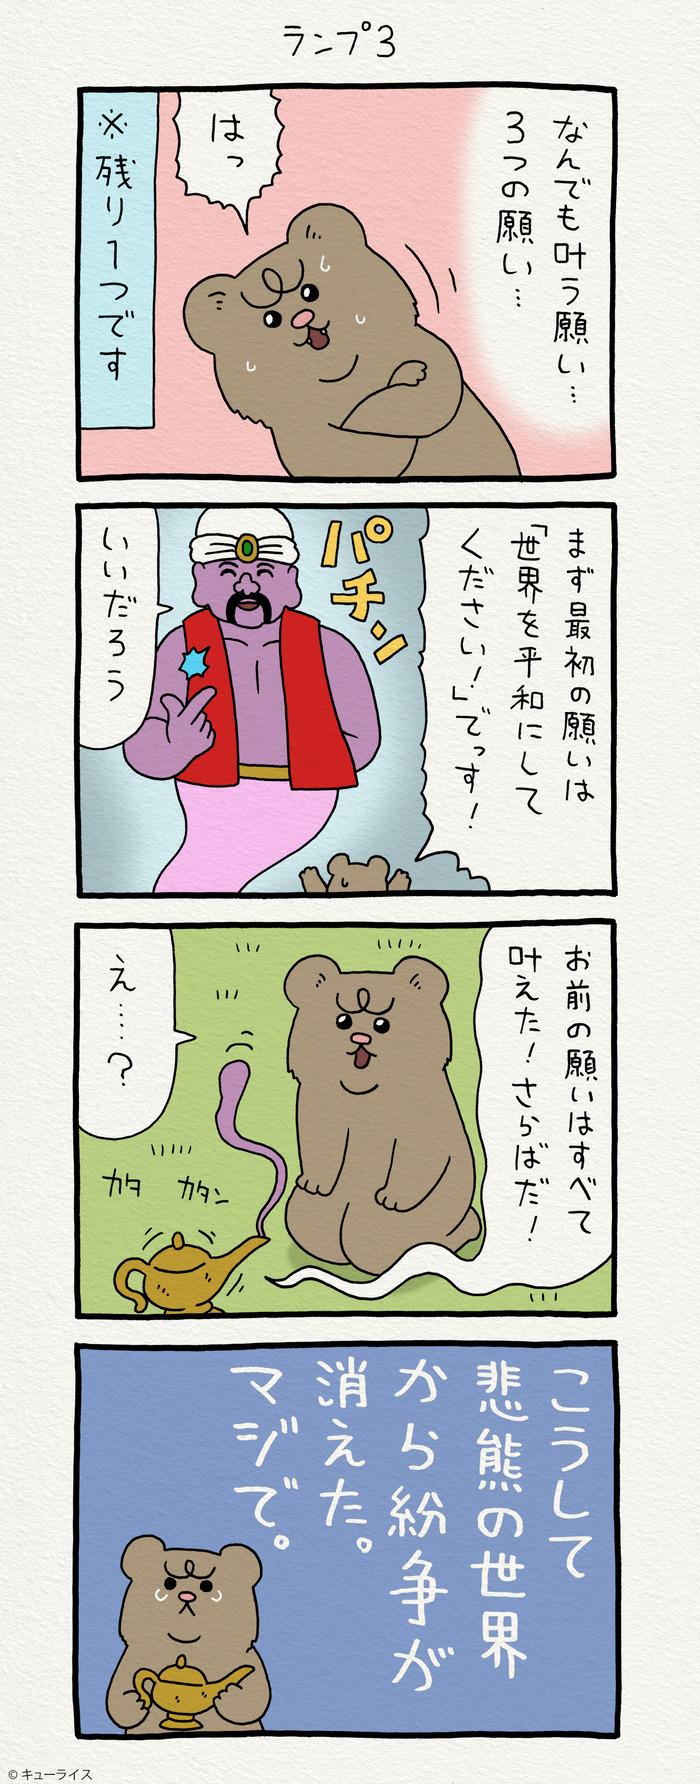 悲熊とランプ3 のコピー